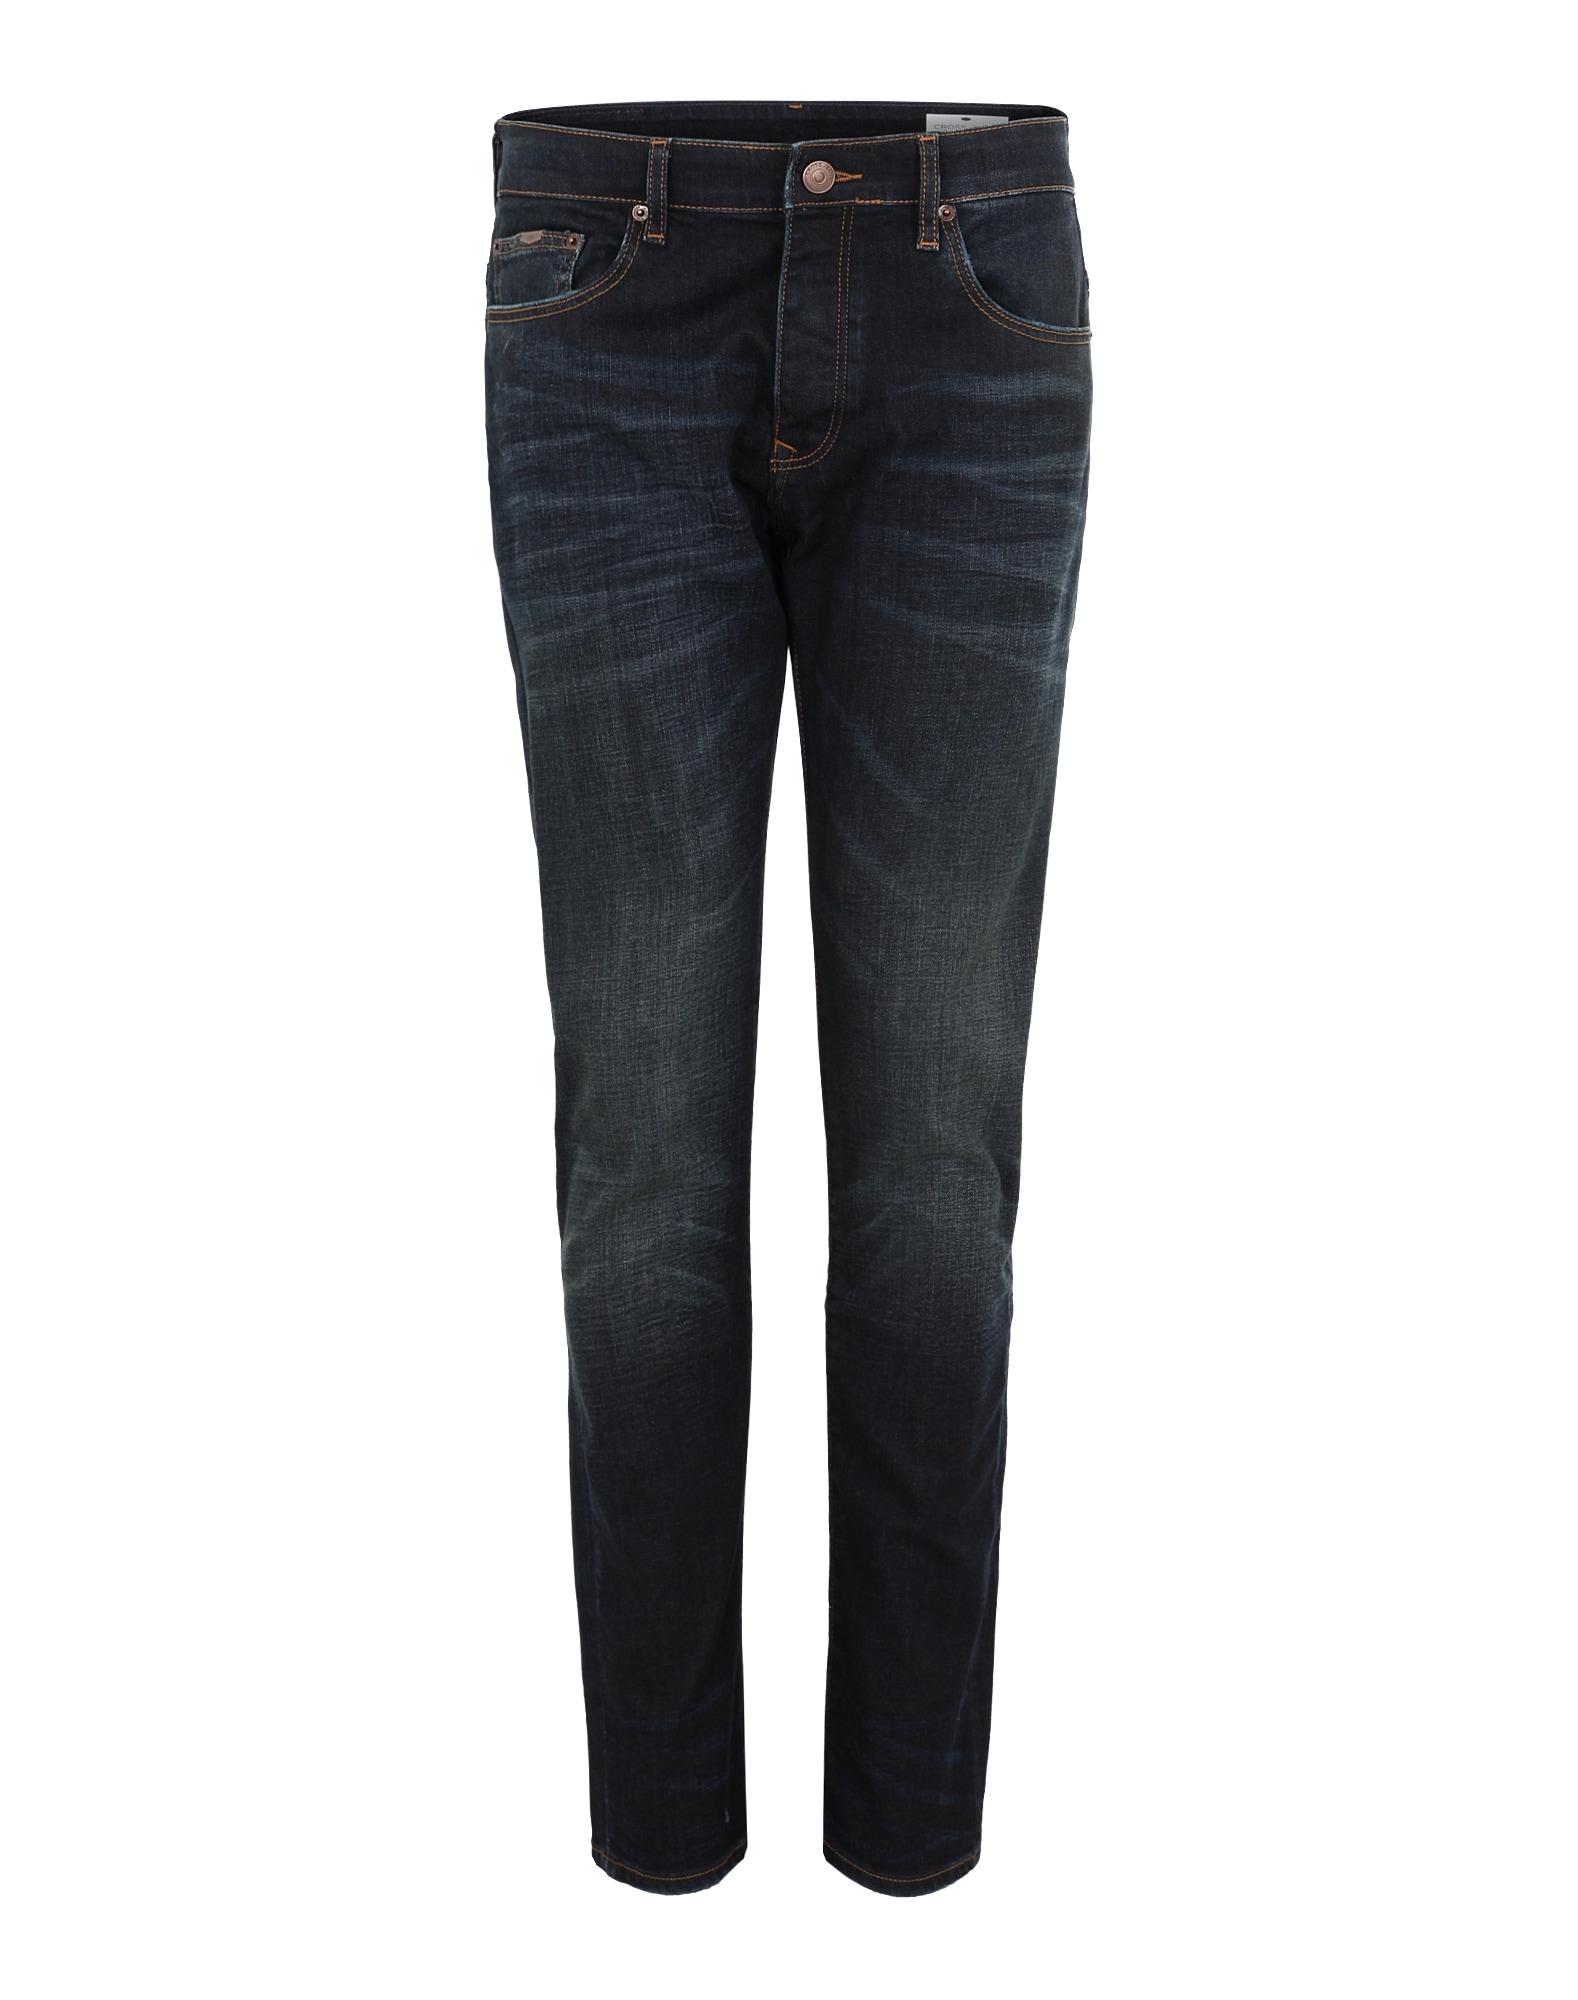 Cross Jeans Džinsai 'Tapered 939' tamsiai (džinso) mėlyna